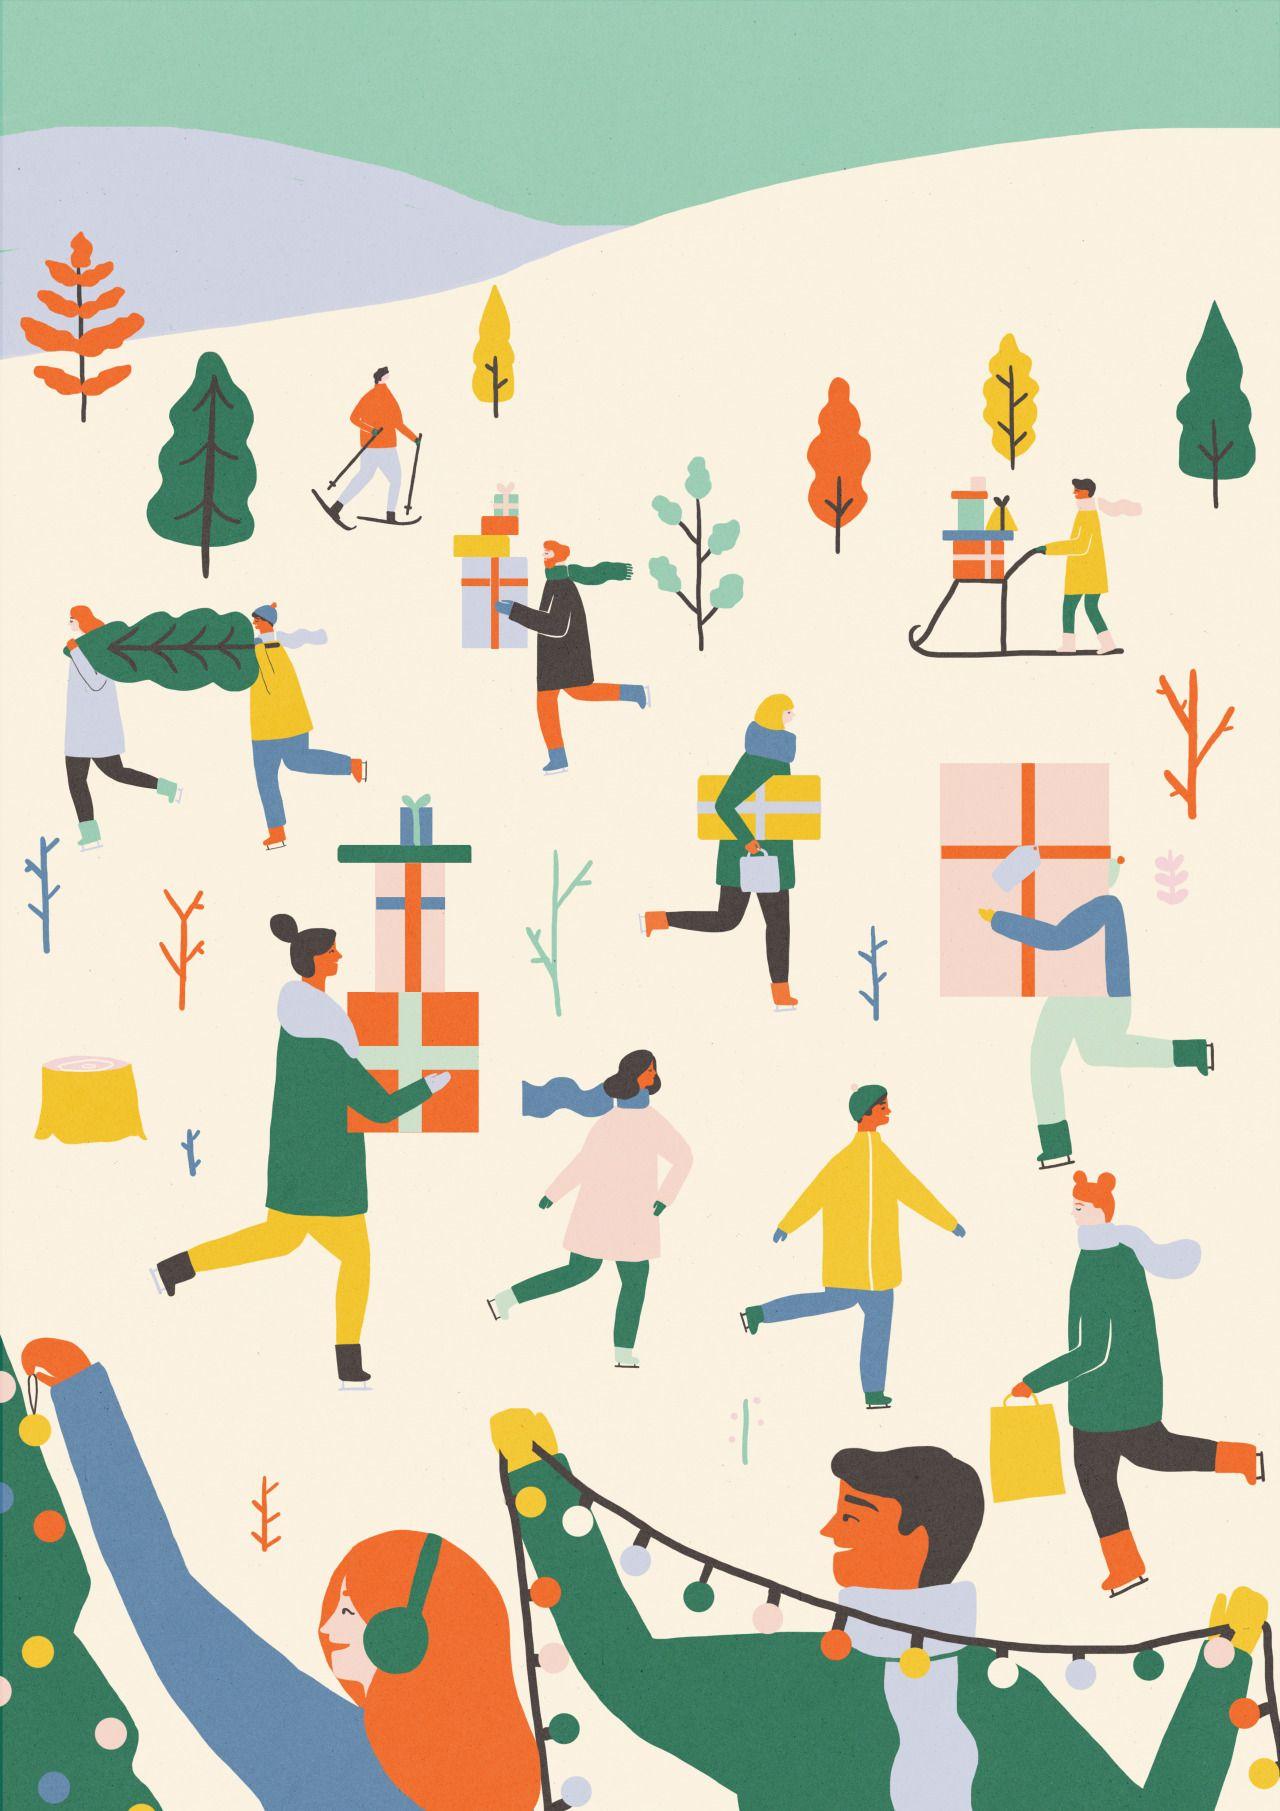 Naomi Wilkinson Illustration in 2018 Pinterest